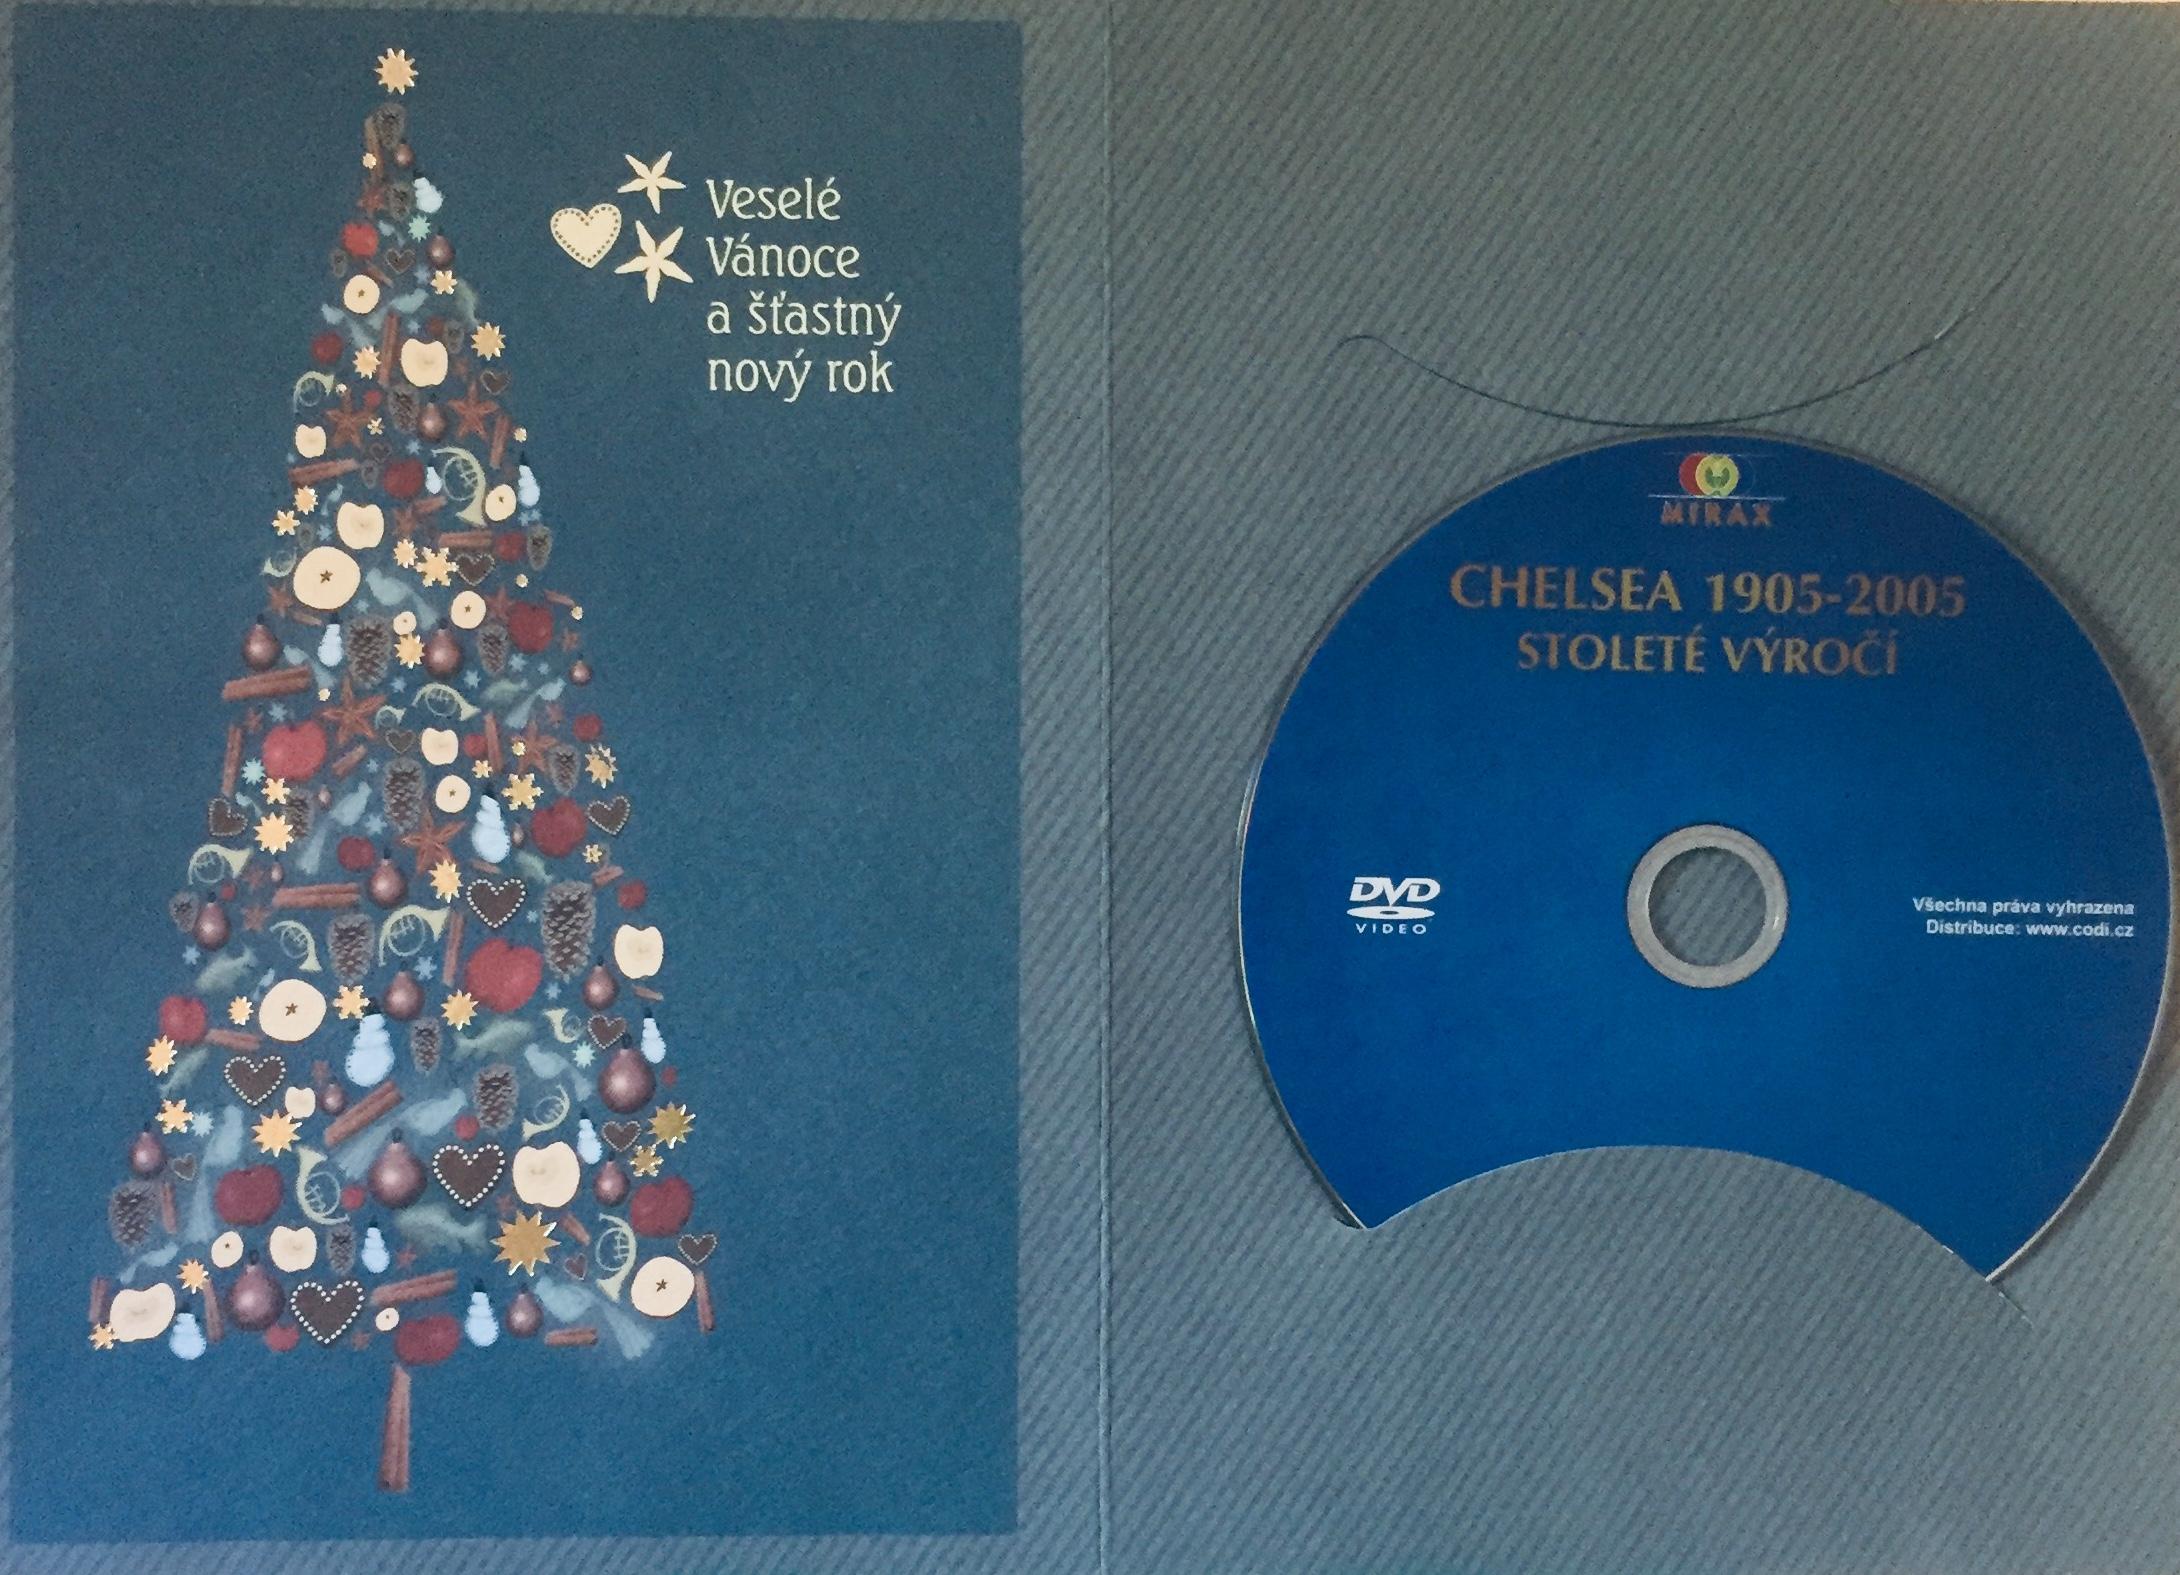 Chelsea 1905-2005 - Stoleté výročí - DVD /dárkový obal/